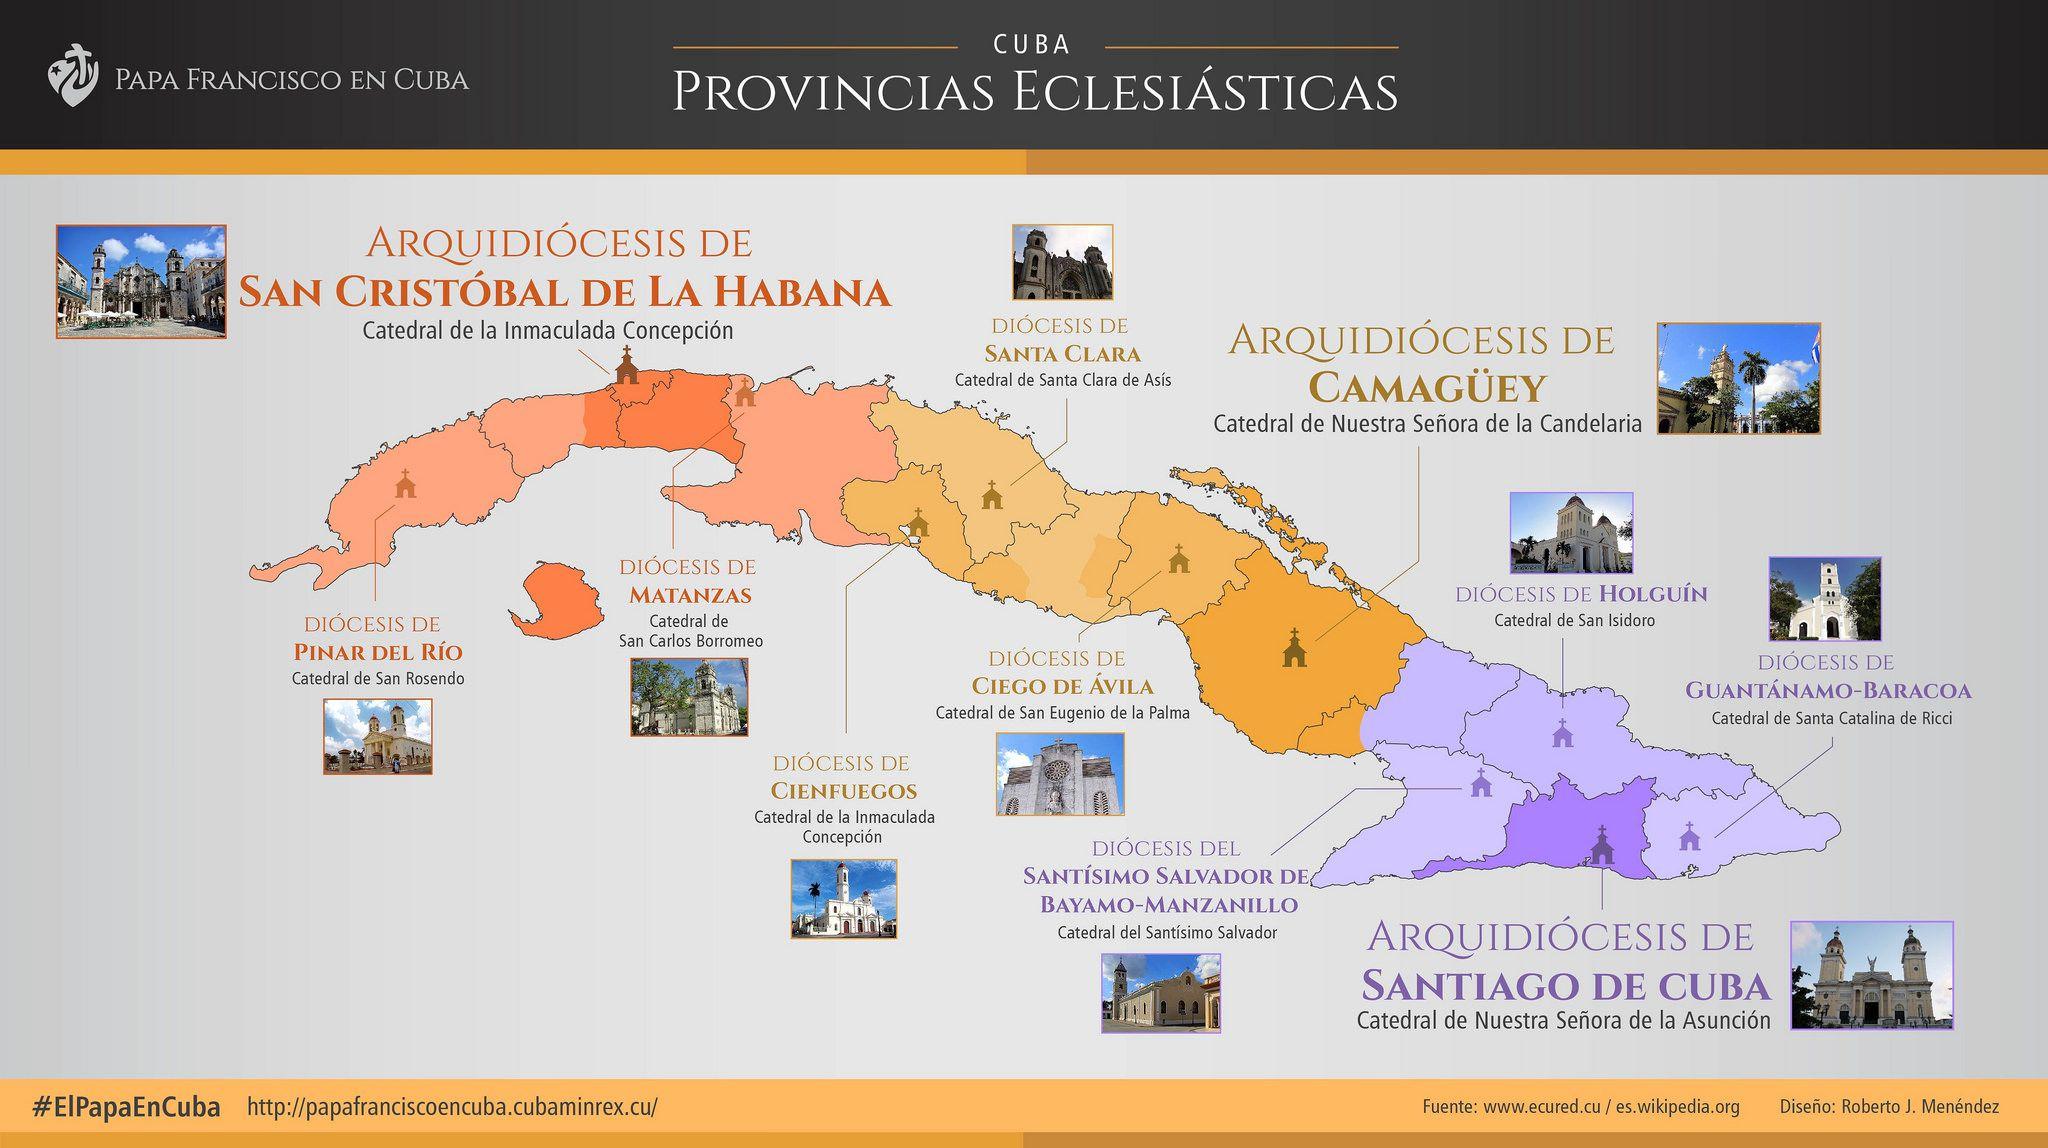 [#infografía] Provincias eclesiásticas de Cuba. #religión #elpapaencuba #iglesia #catolicismo #Cuba #Papa #PapaFrancisco #arquidiócesis #SantiagodeCuba #InicioCreativo